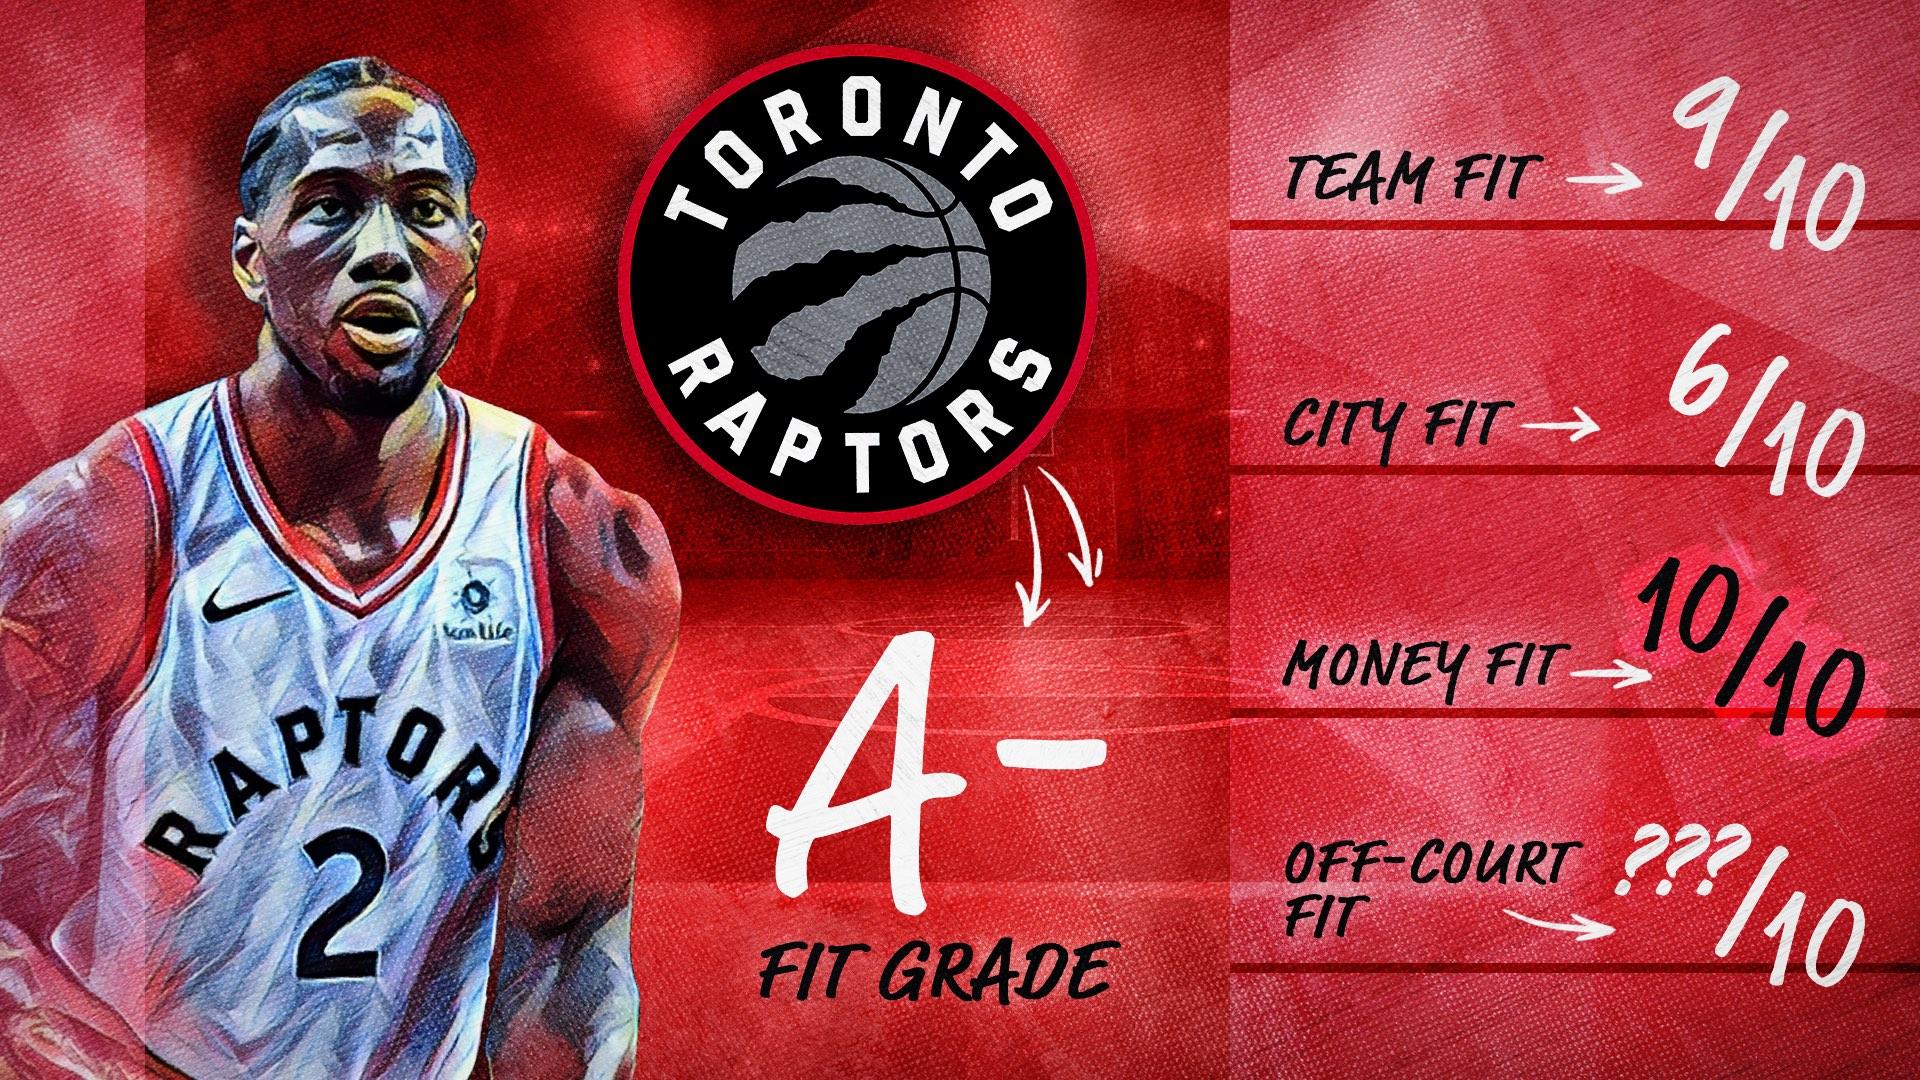 DTV_NBA_FreeAgency_FitGradeGFX_Leonard_no_v1.jpg